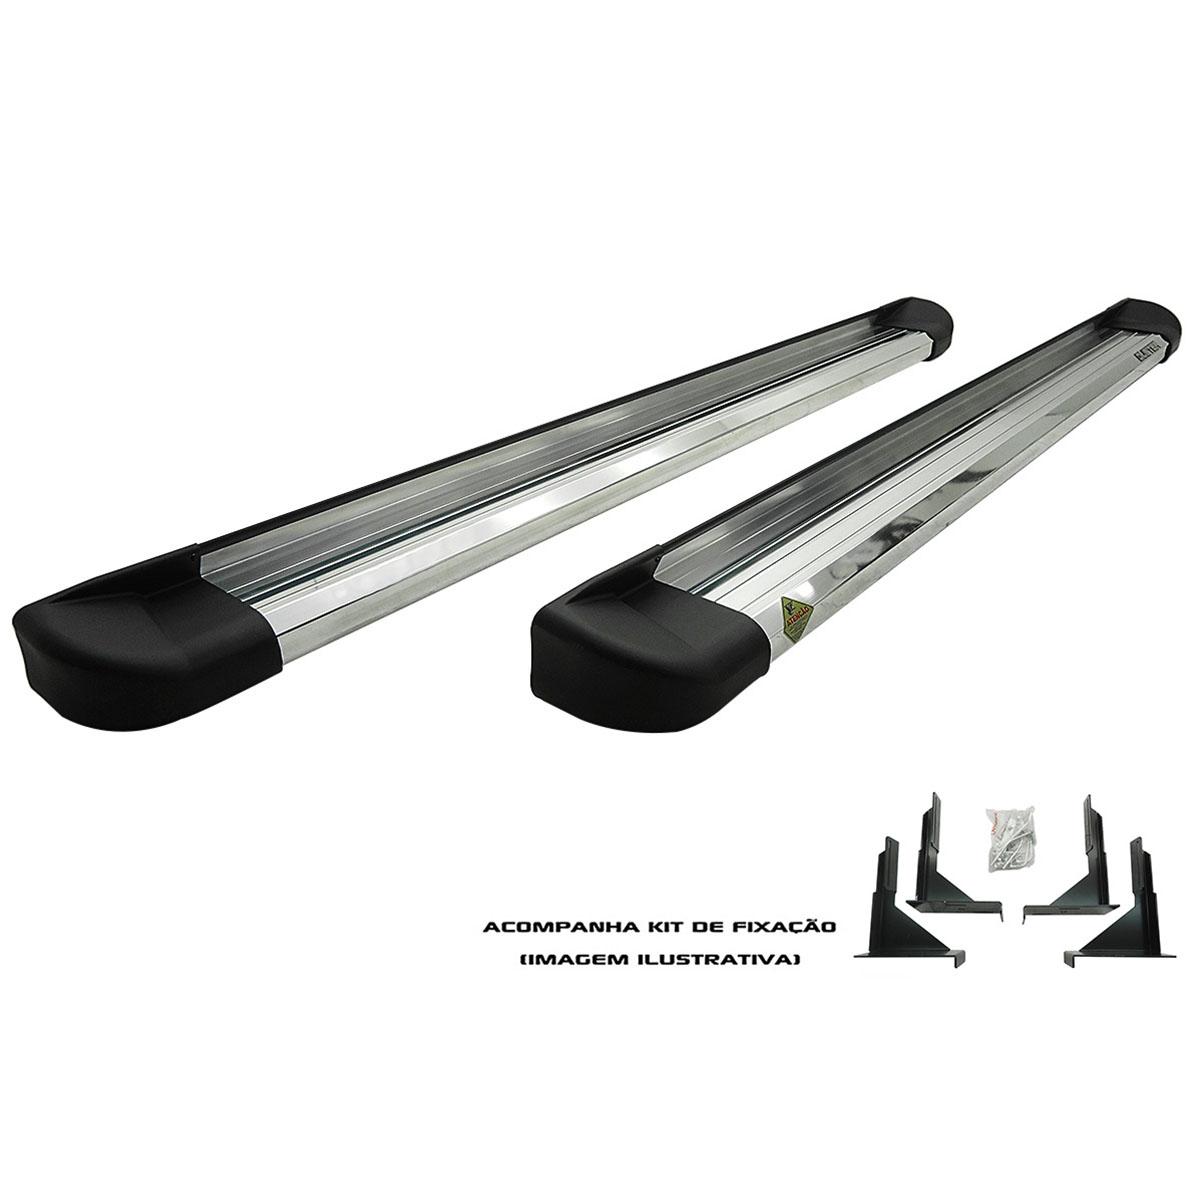 Estribo plataforma alumínio Nova L200 Triton Sport 2017